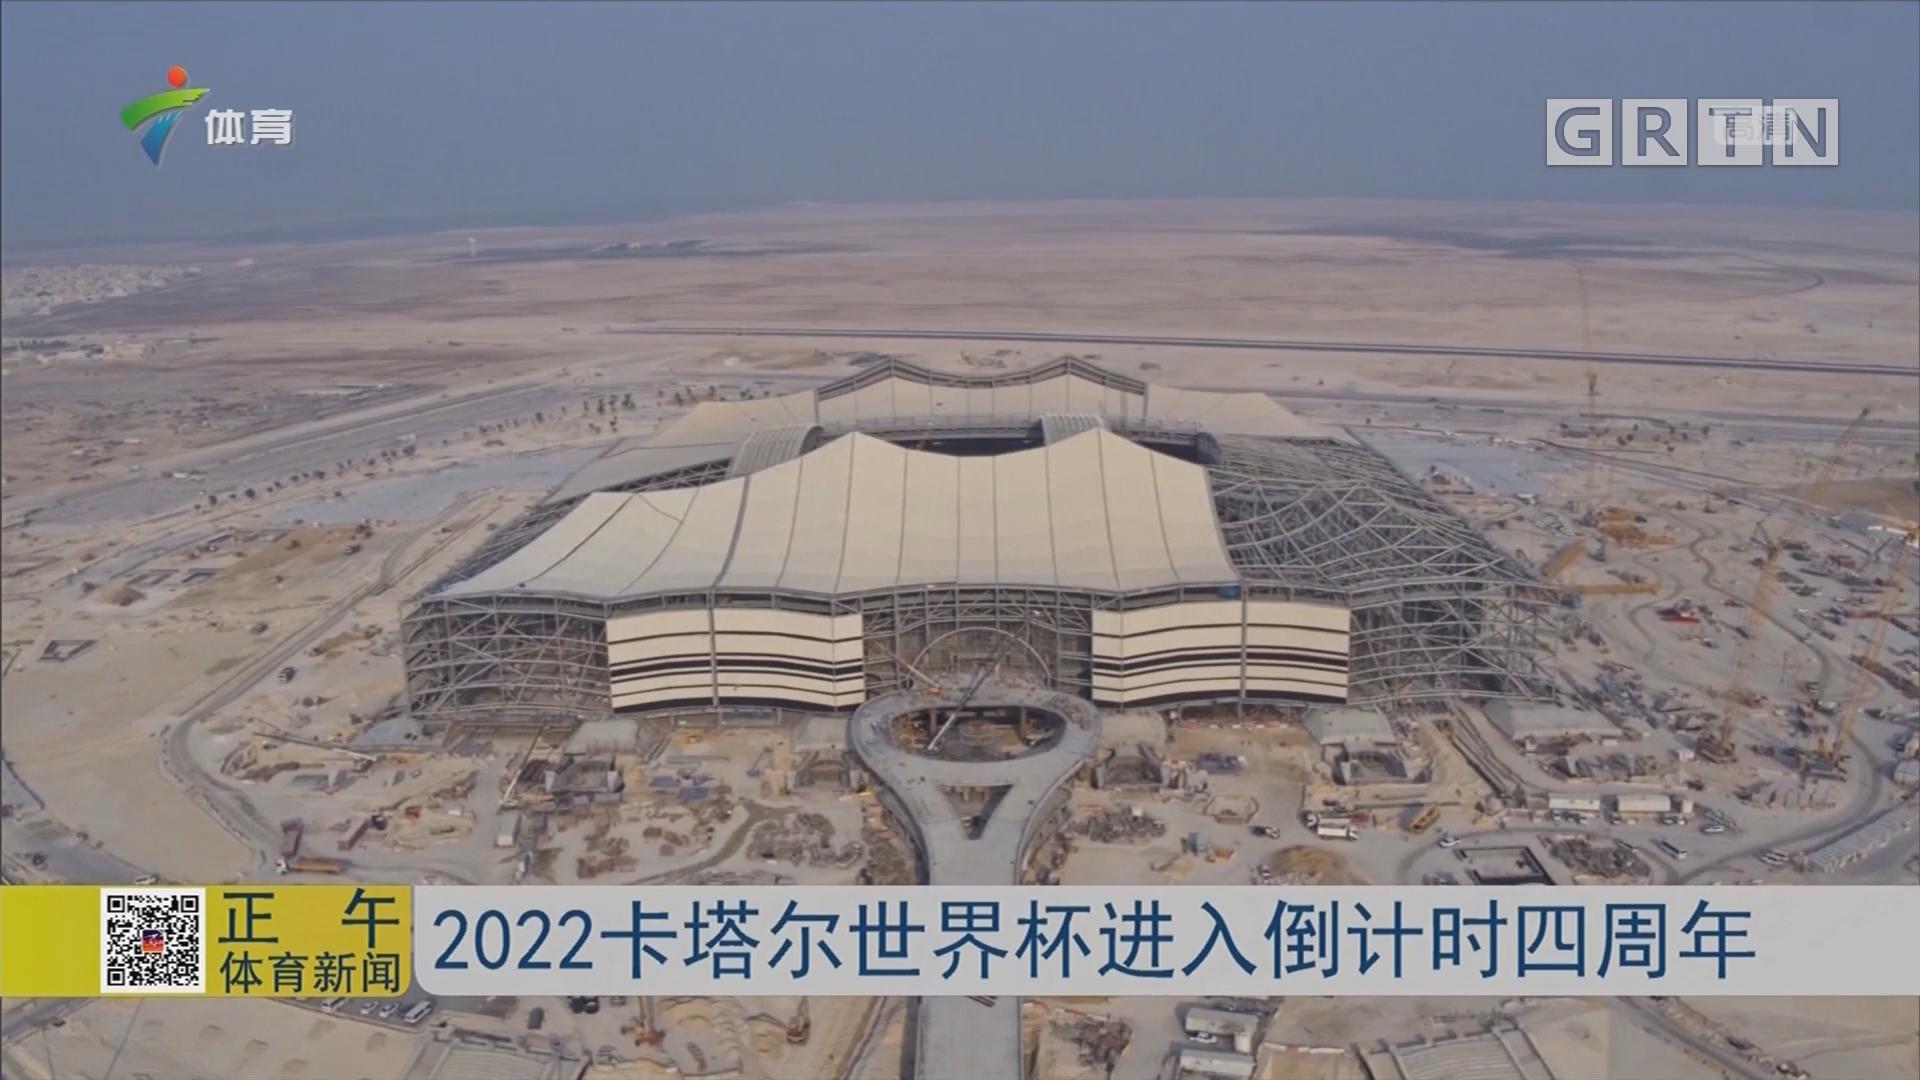 2022卡塔尔世界杯进入倒计时四周年